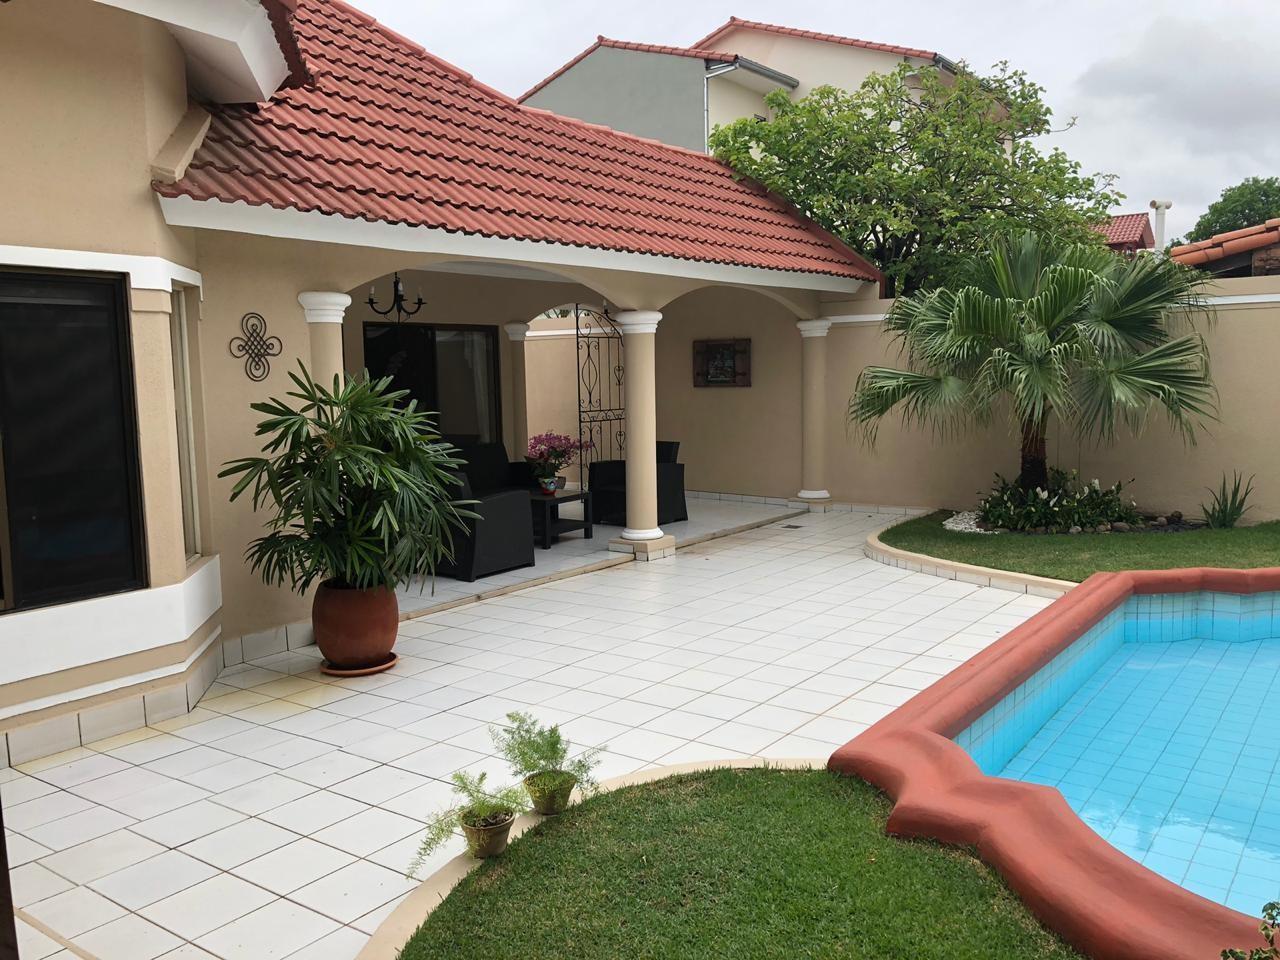 Casa en Venta AV. PIRAY A 2 CUADRAS 4TO ANILLO  Foto 11